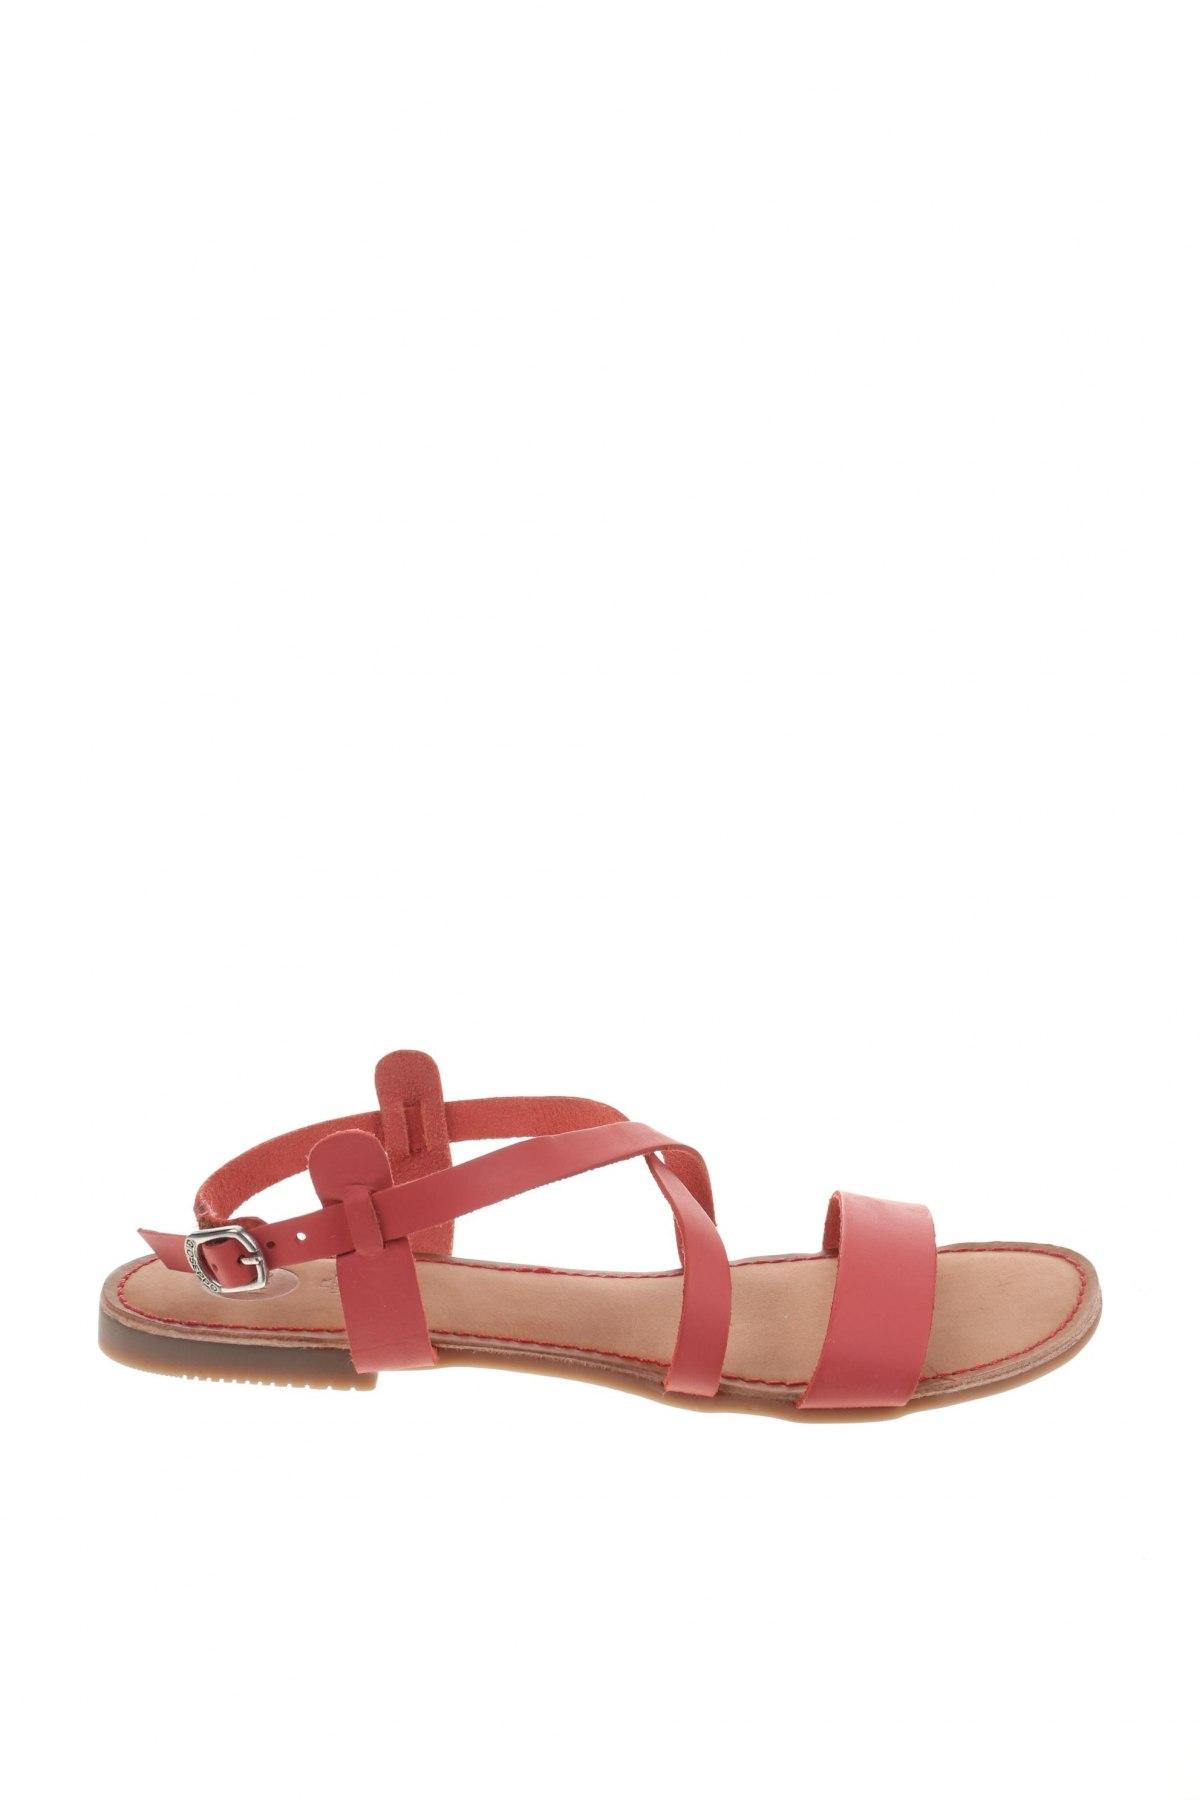 Σανδάλια Gioseppo, Μέγεθος 40, Χρώμα Ρόζ , Γνήσιο δέρμα, Τιμή 23,82€